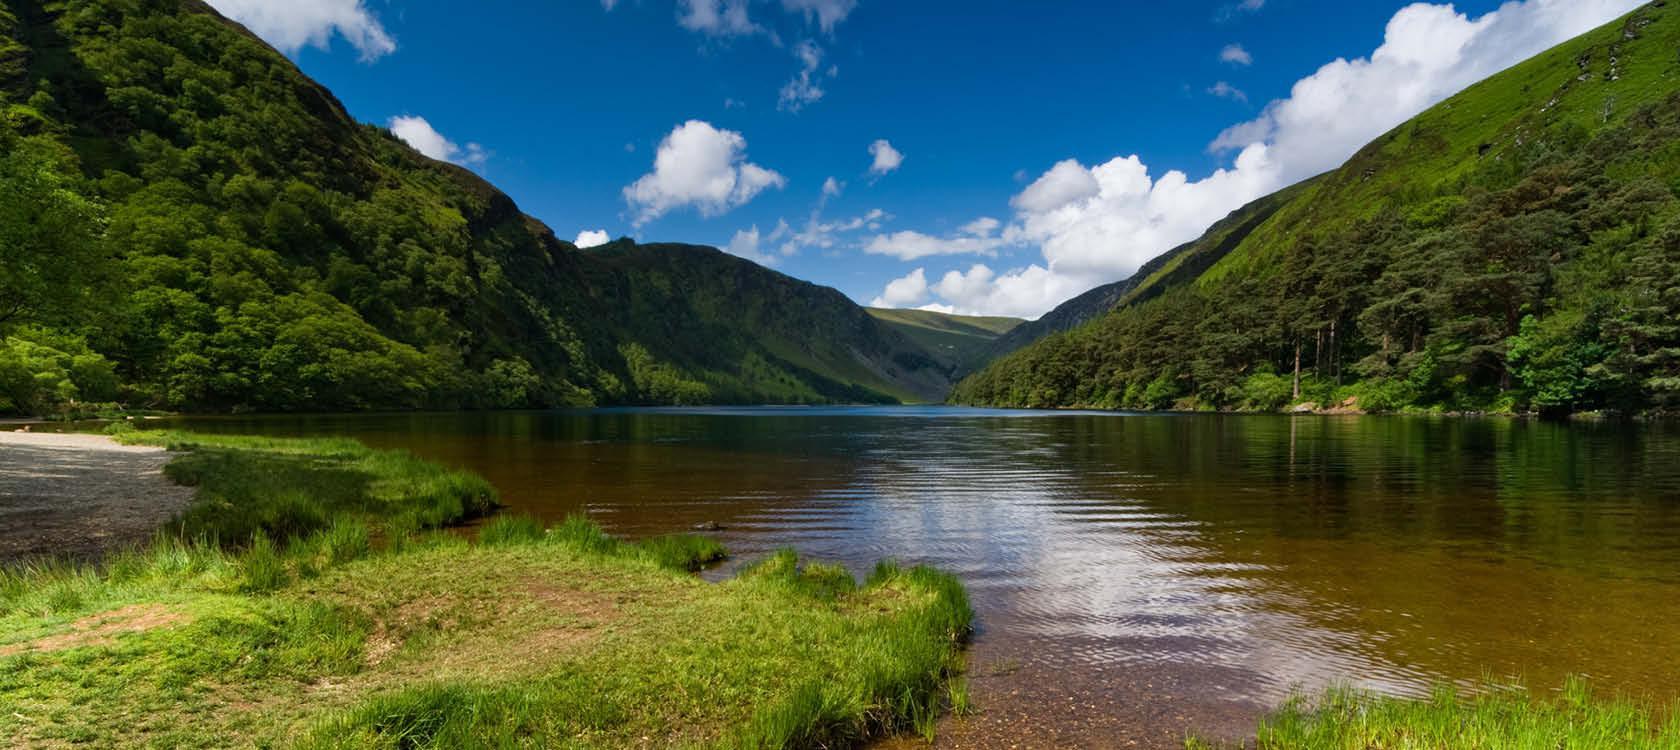 Vandringer i den grønne natur, Irland